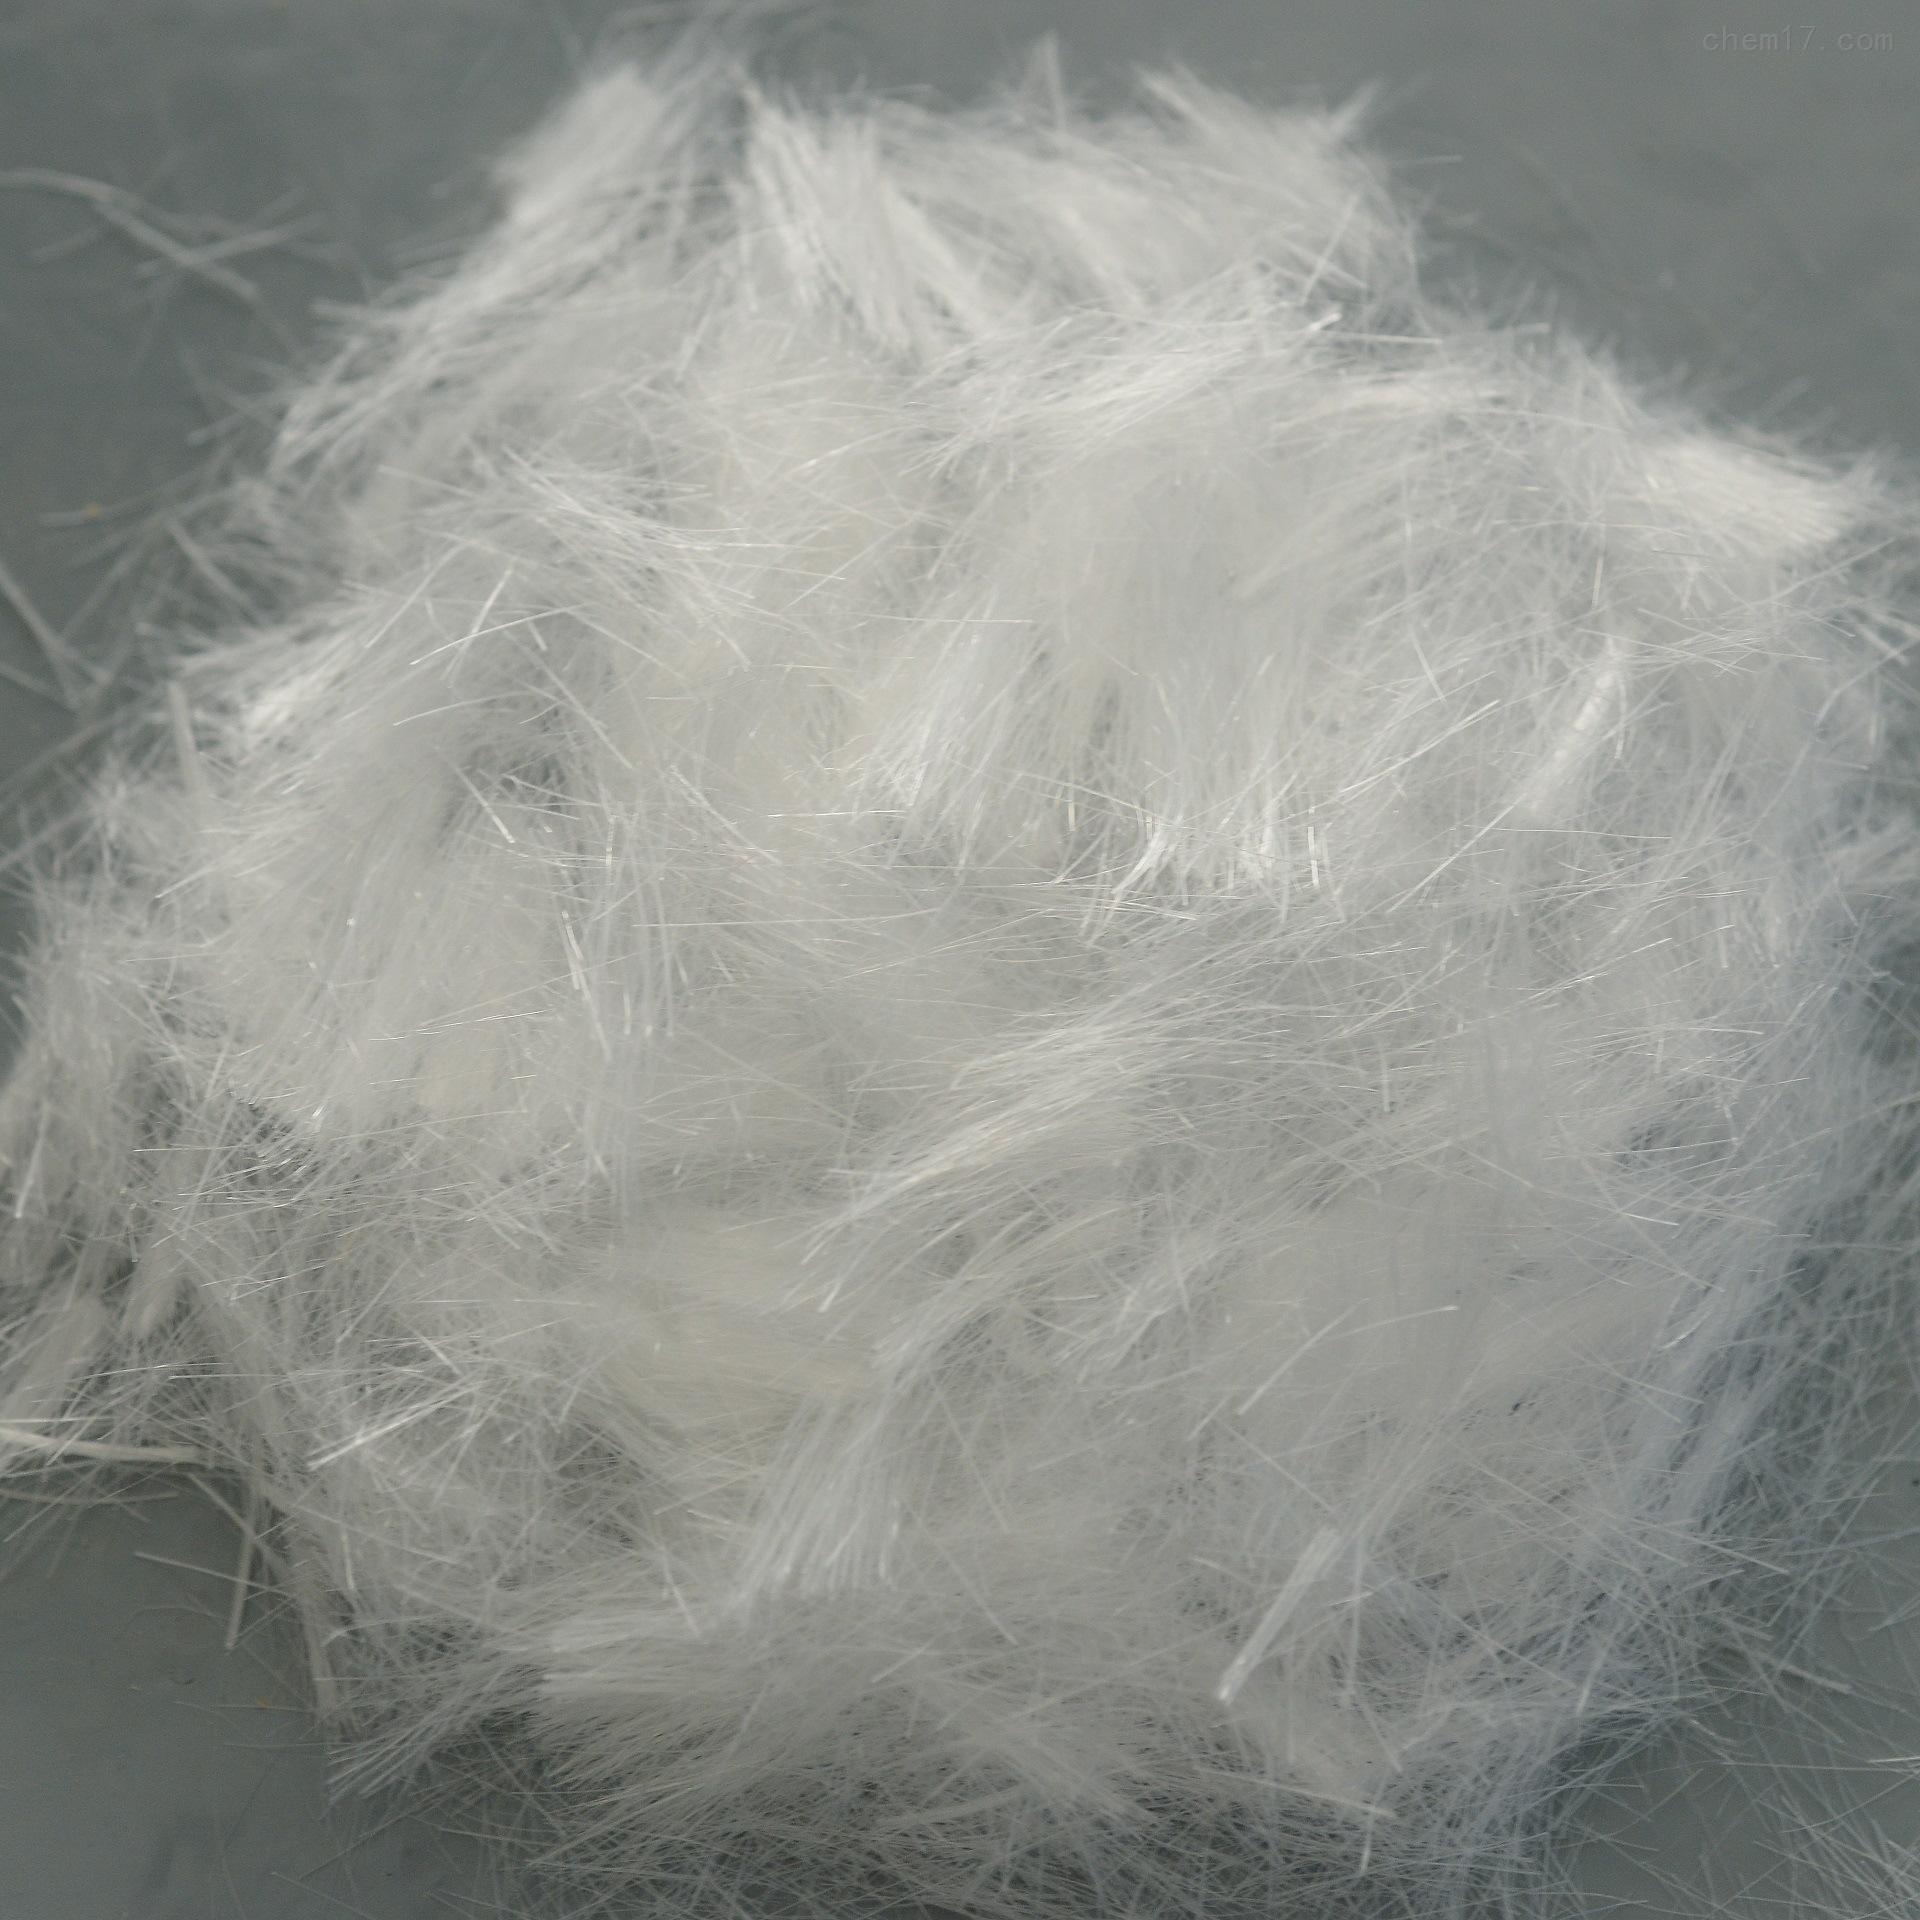 黑龙江木质纤维出厂报价 价格合理